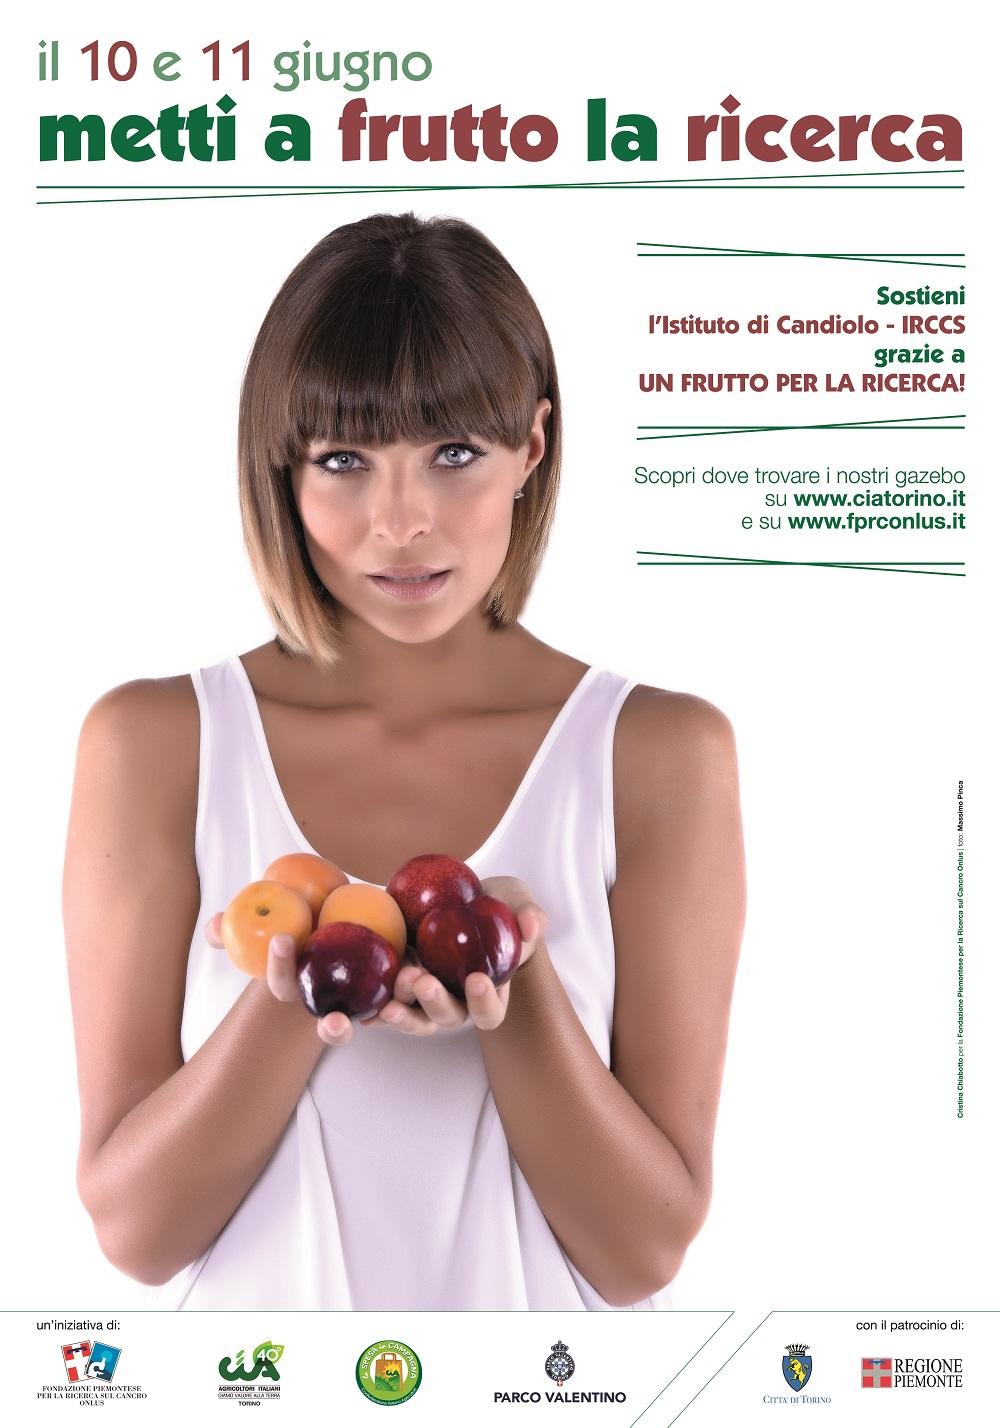 A Torino si sostiene la ricerca contro il cancro con la frutta